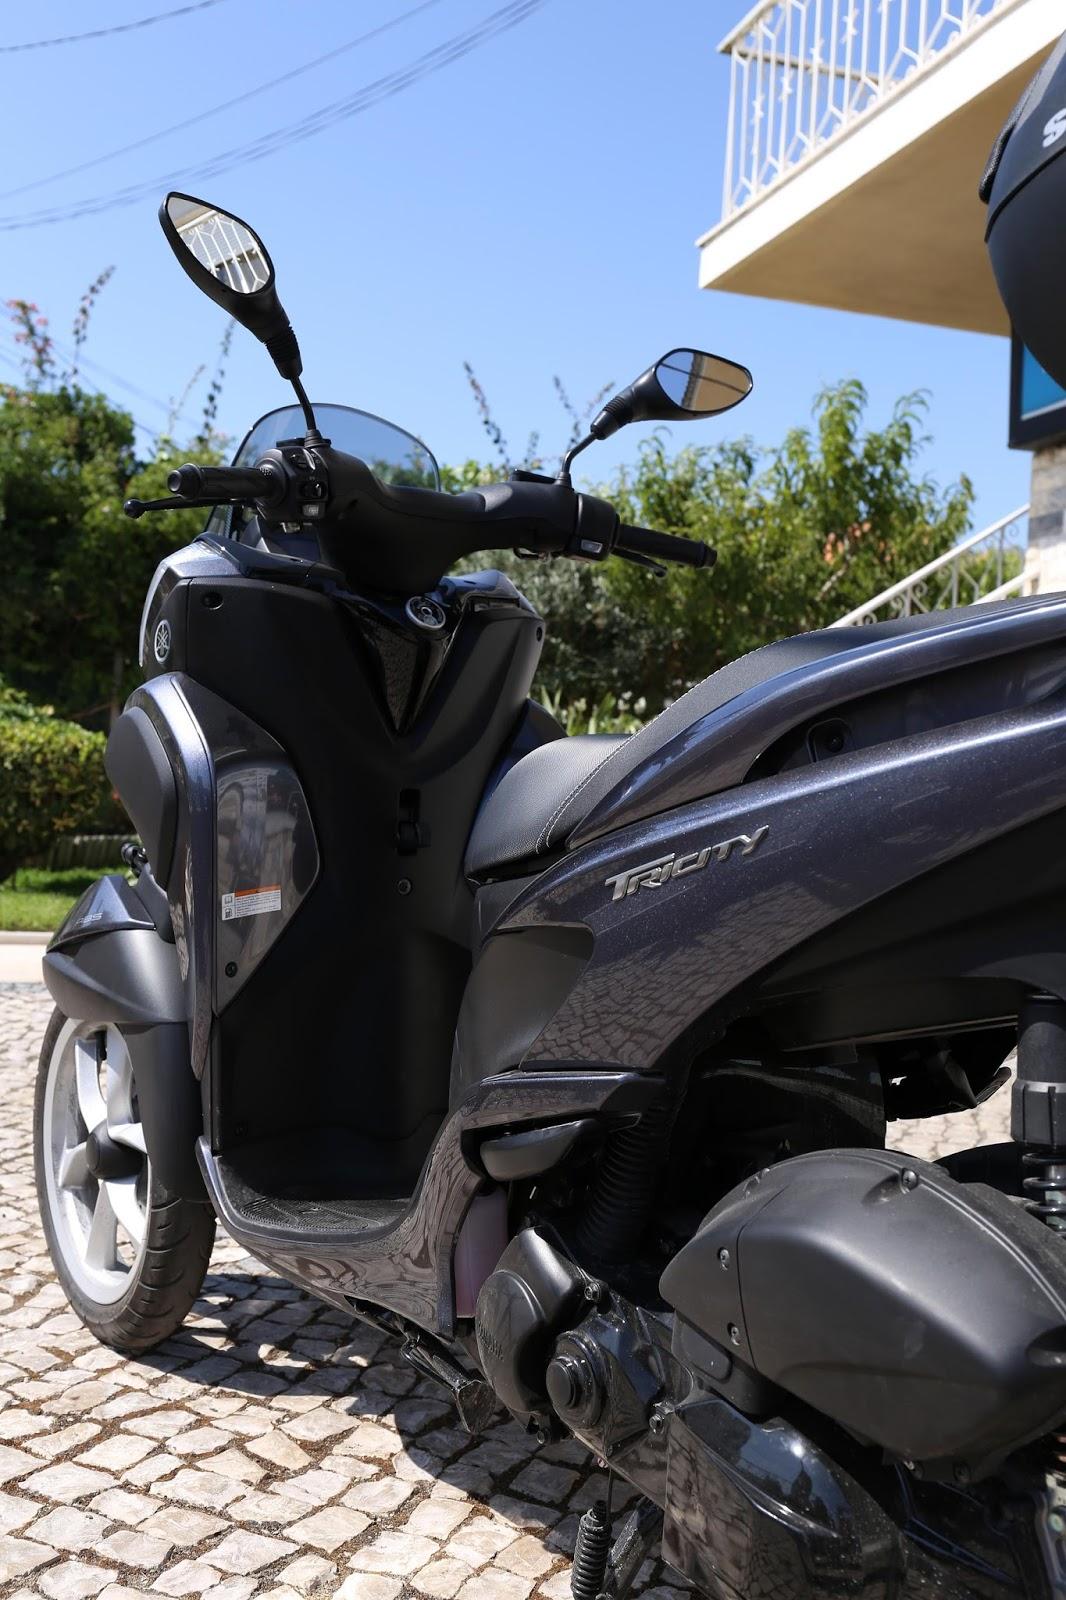 loja das motos yamaha tricity 125 vendida. Black Bedroom Furniture Sets. Home Design Ideas